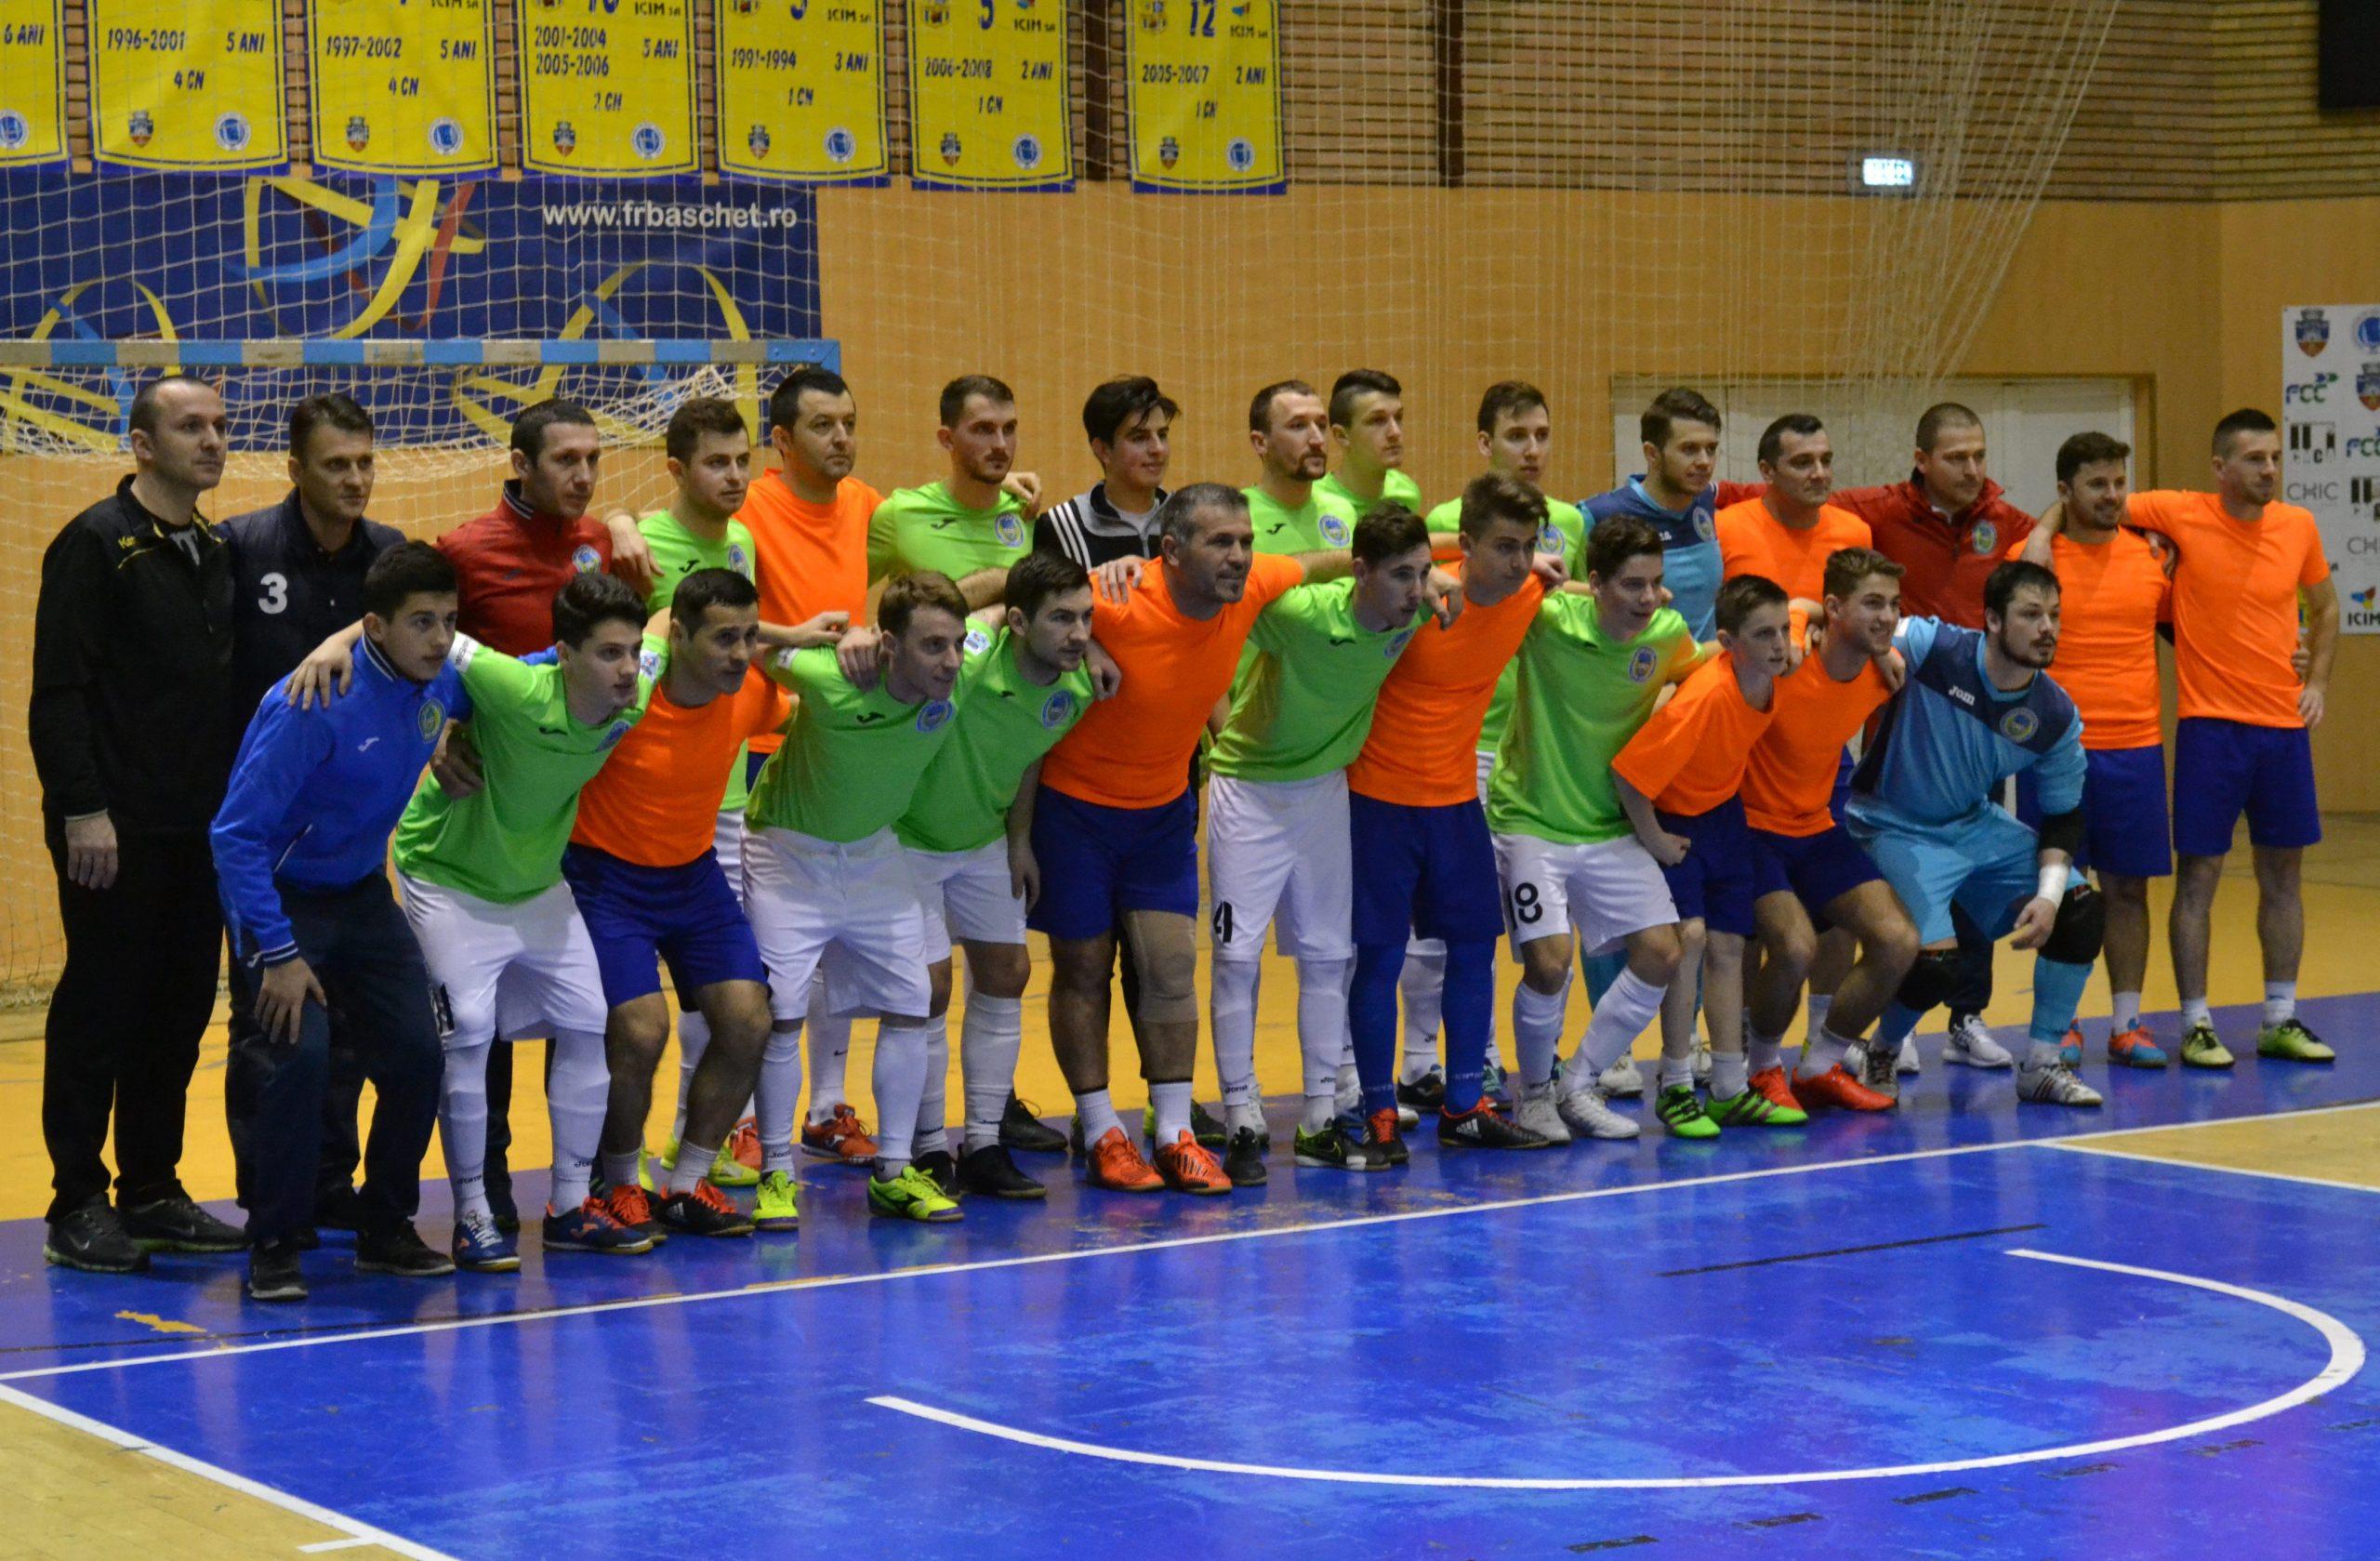 Noua echipă a Șimandului își începe treaba în eșalonul secund de futsal: Mărcuș și Buruiană contează pe nu mai puțin de 27 de jucători!